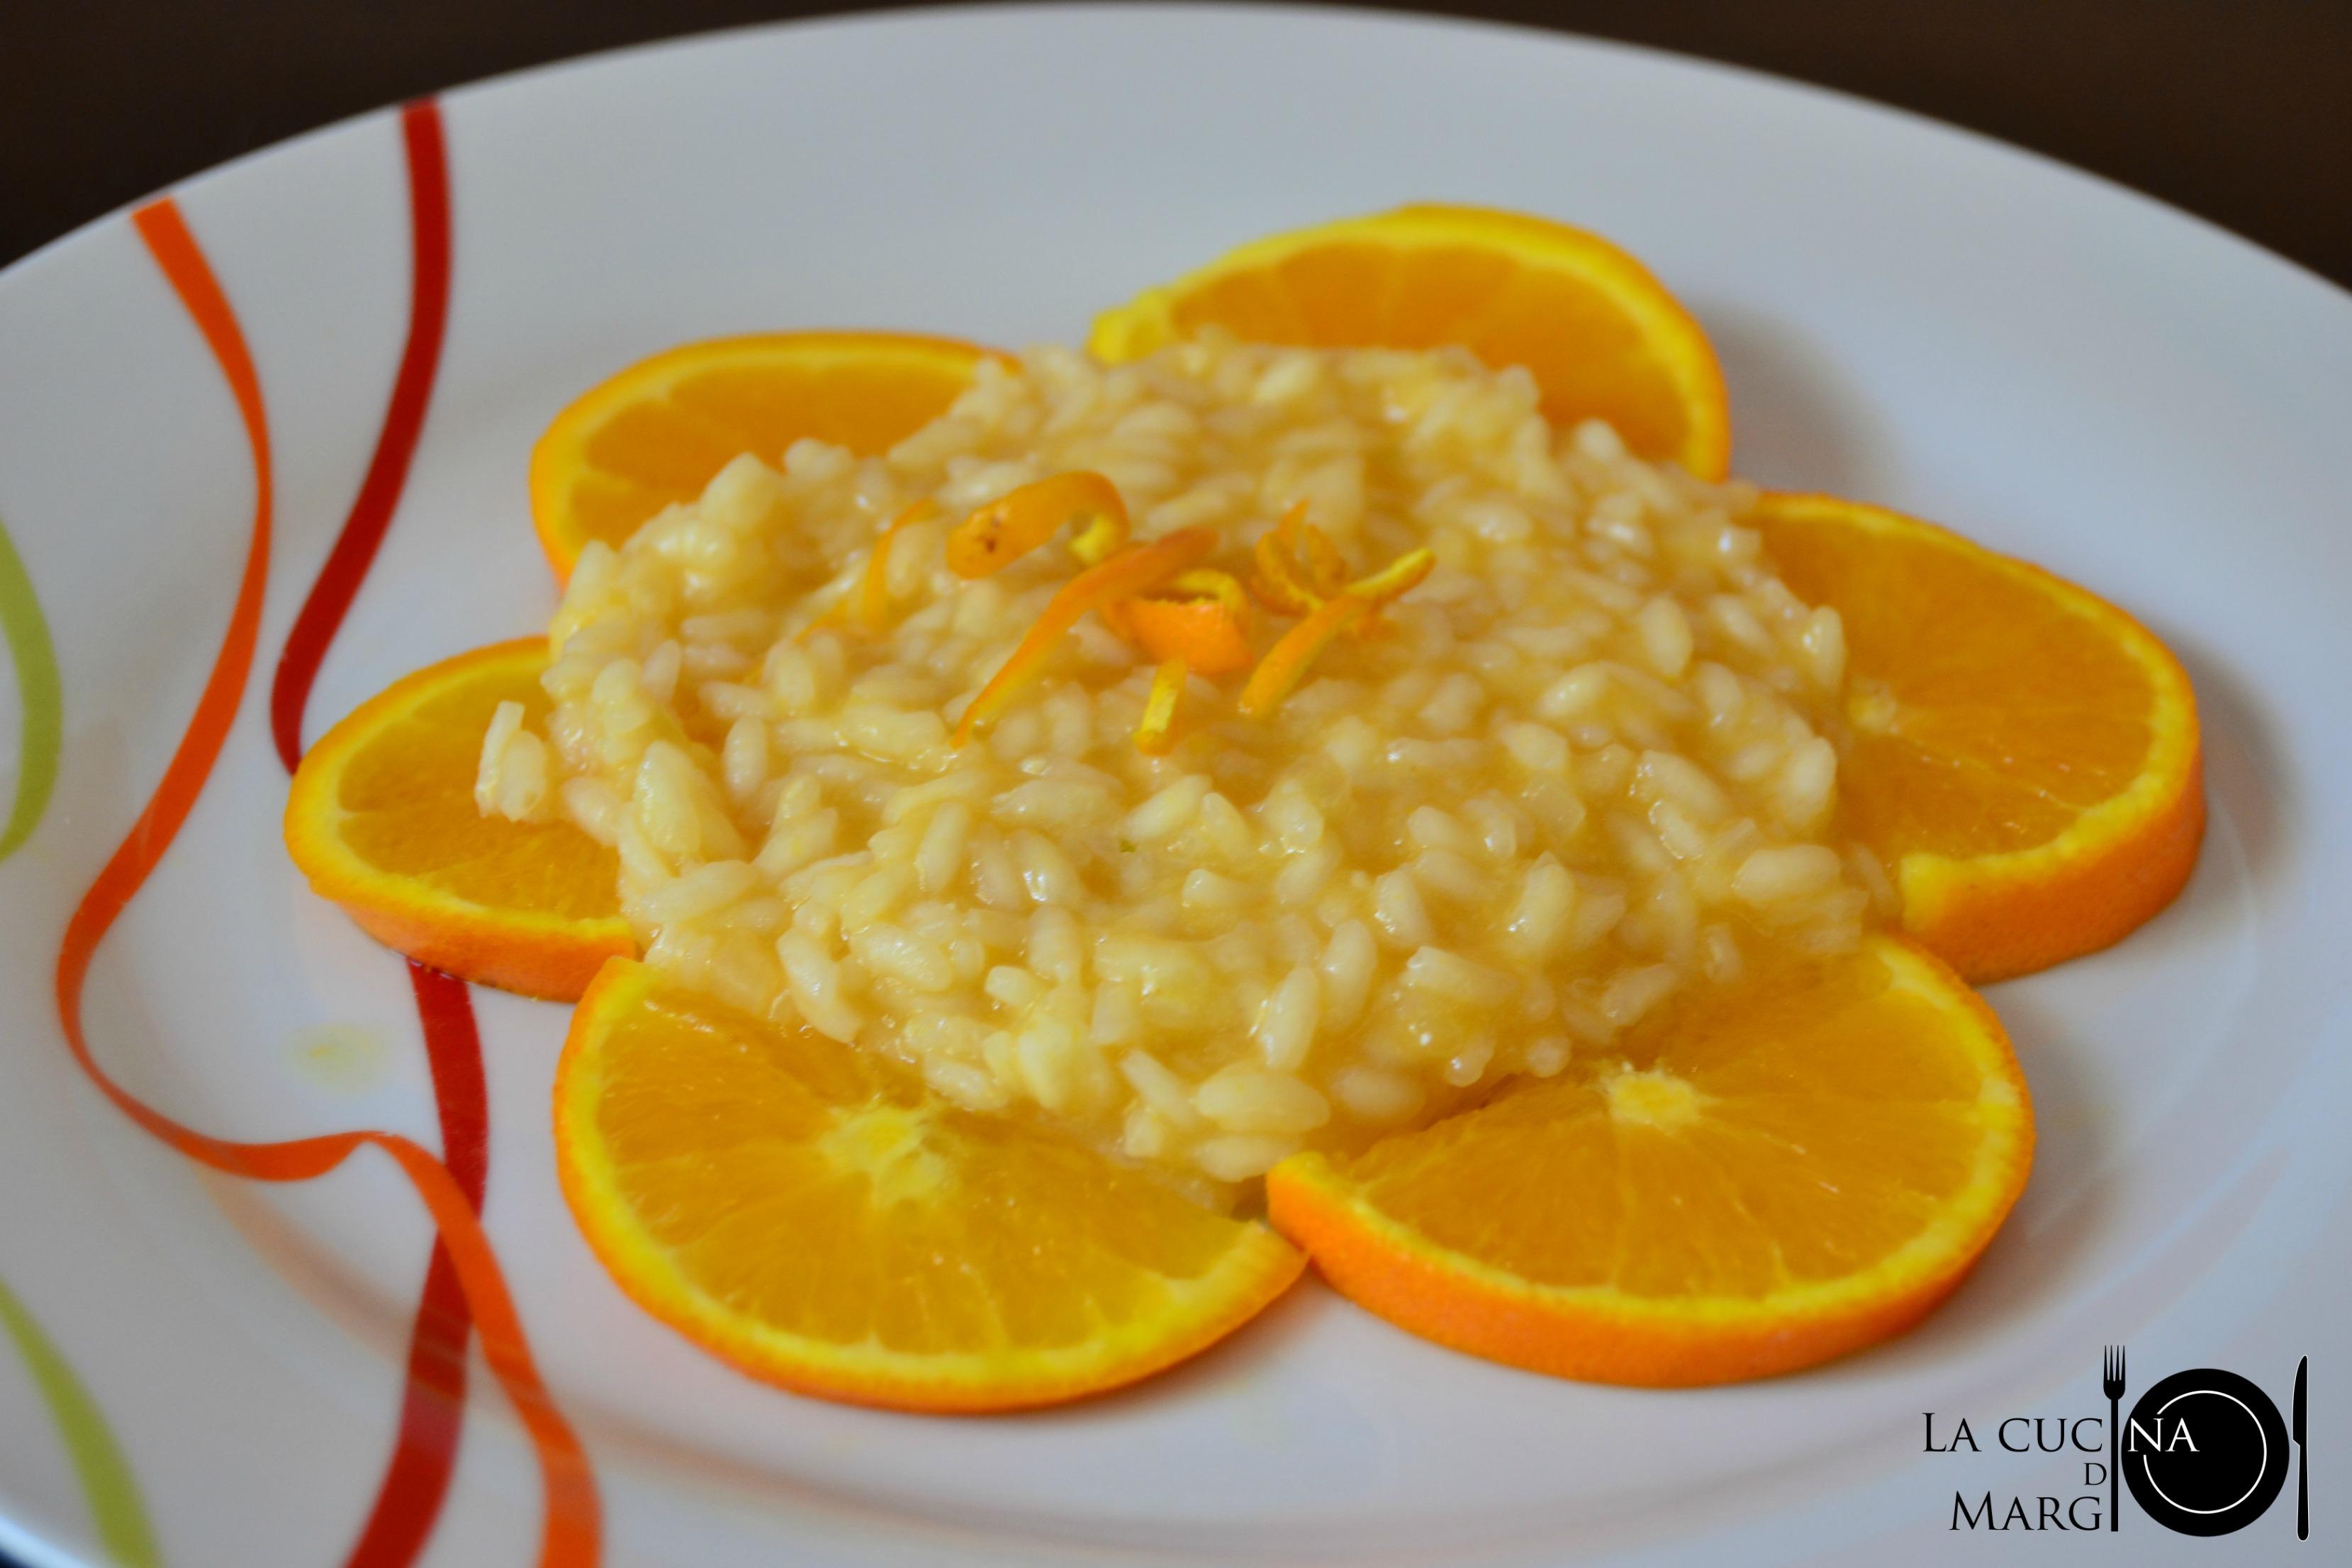 Risotto all'arancia   06   LOGO   DSC_0058